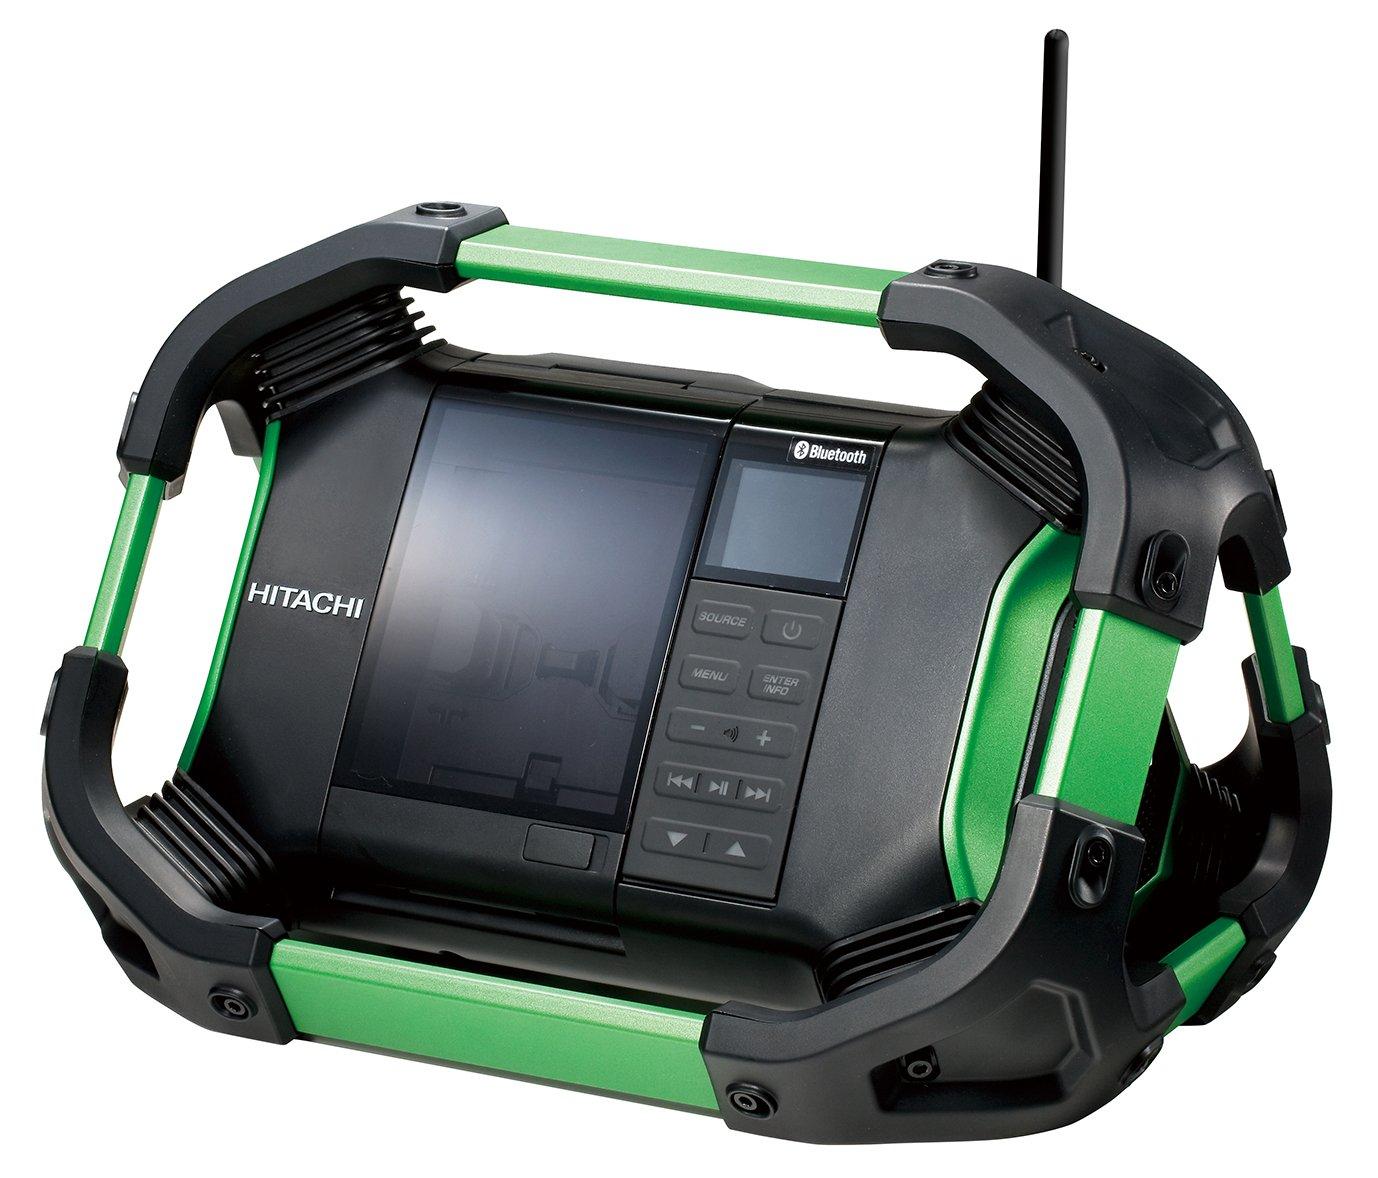 日立工機 14.4V 18V コードレスラジオ 充電式 Bluetooth機能搭載 AC100V使用可 蓄電池充電器別売り UR18DSDL(NN) 本体のみ B00S0QAV0A グリーン グリーン